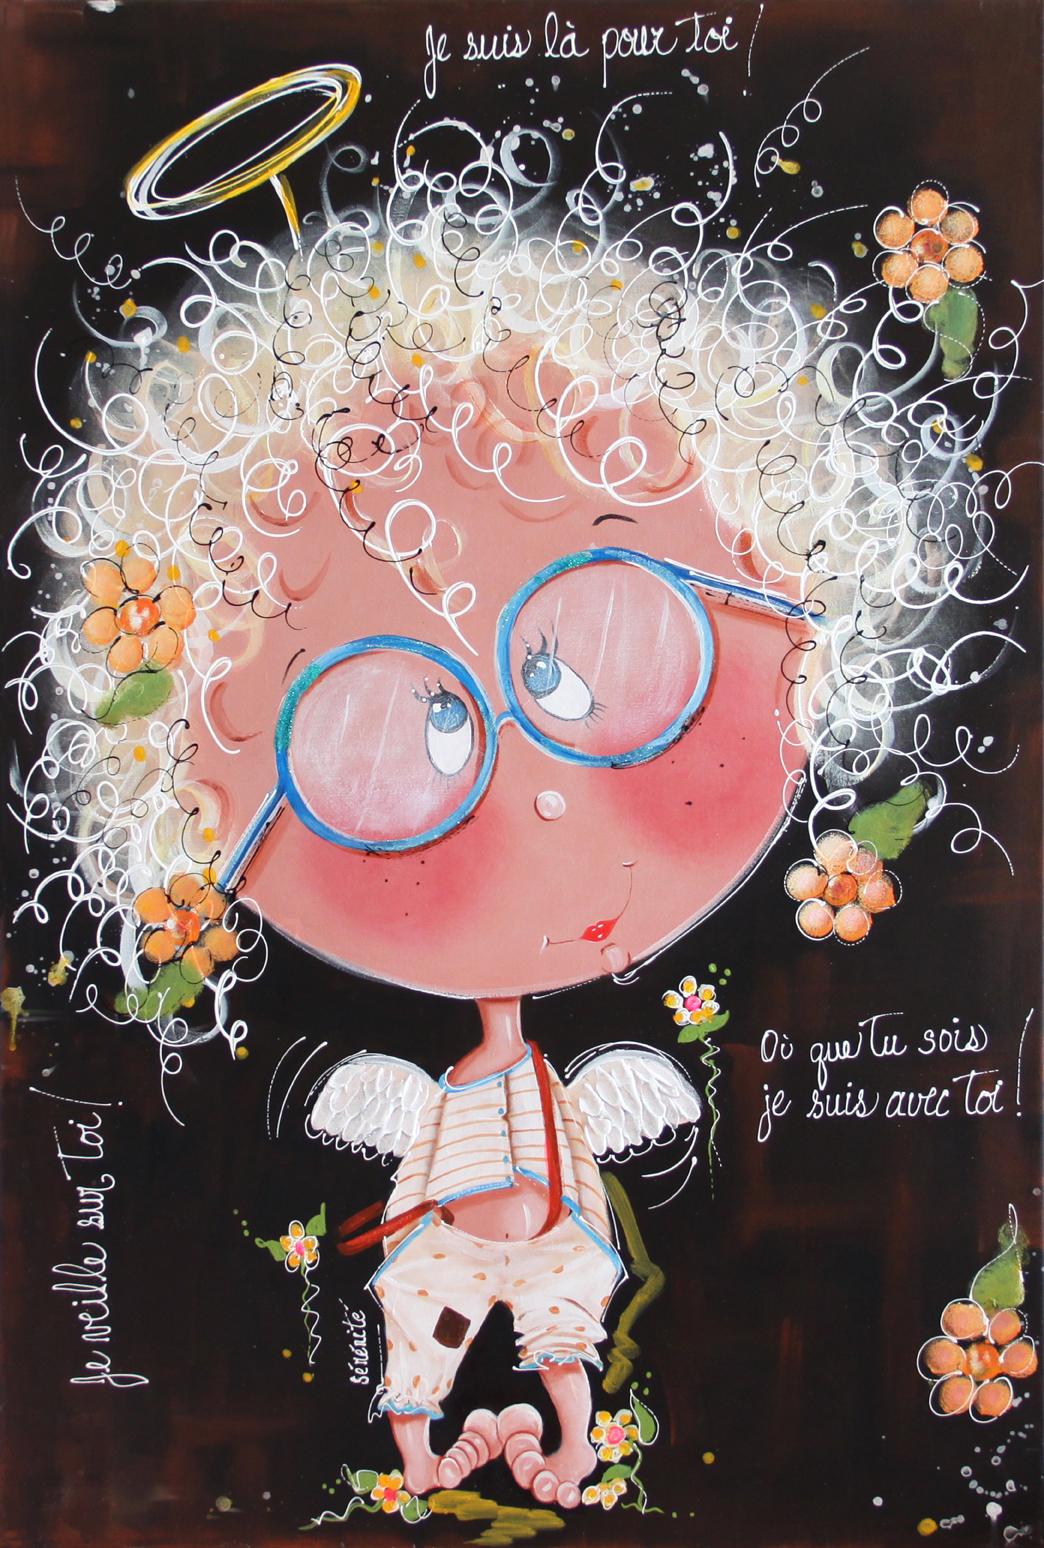 # 105 Petit ange d'amour! par Colette Falardeau